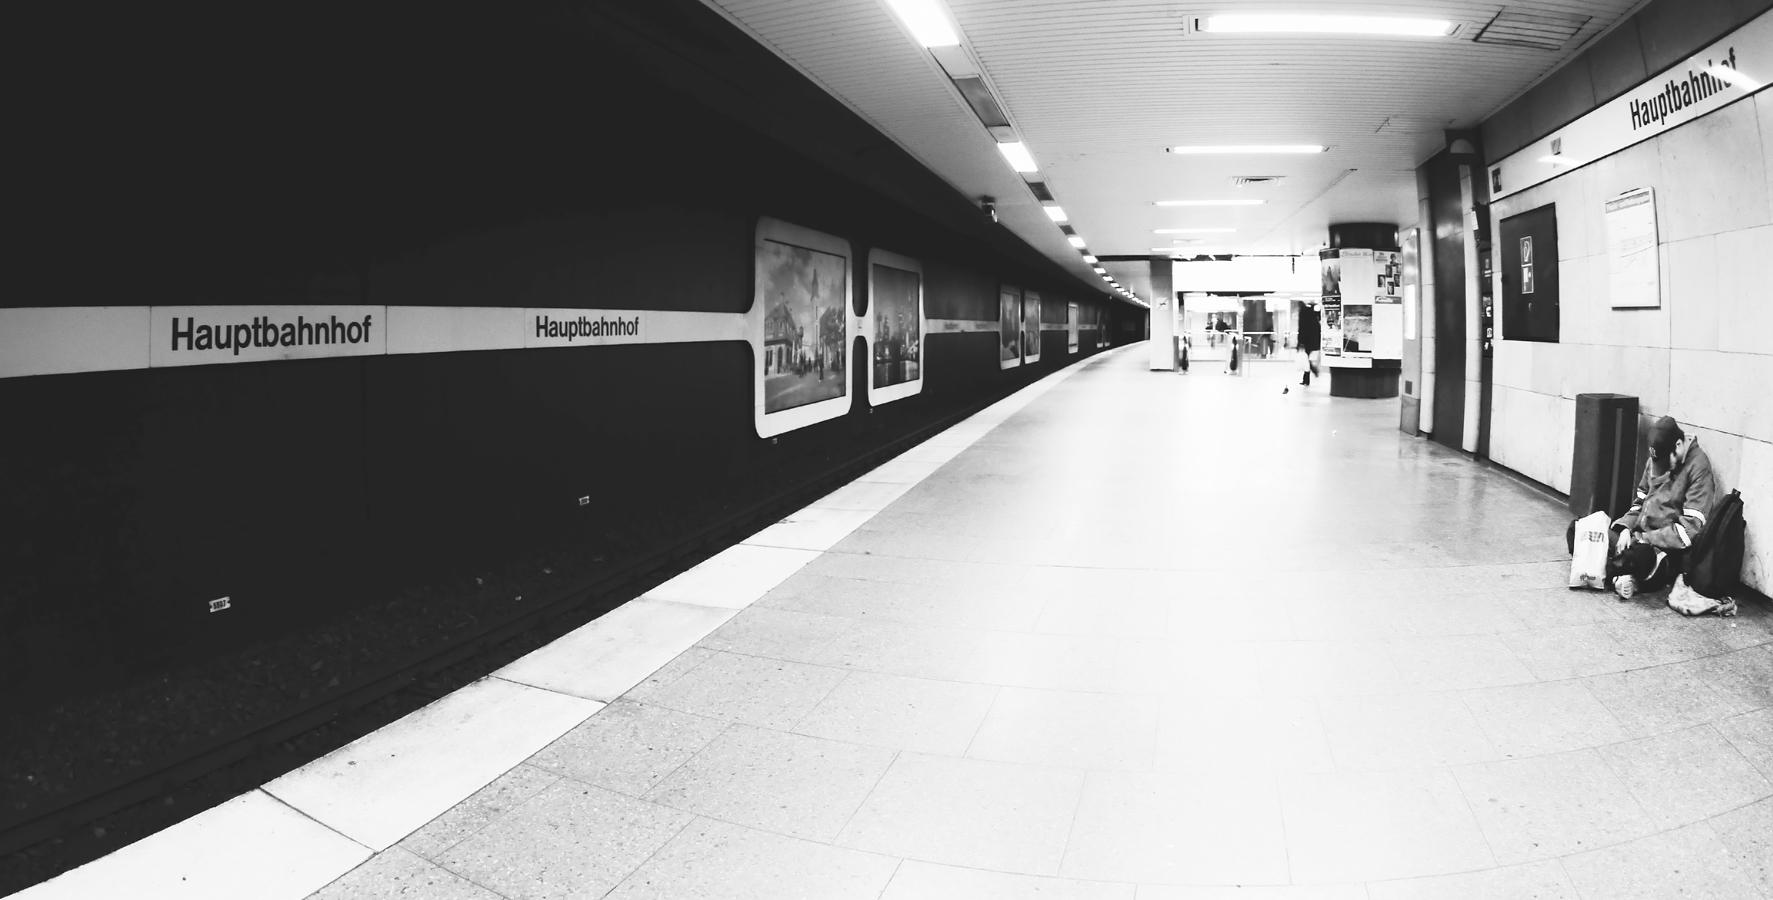 Hauptbahnhof ...